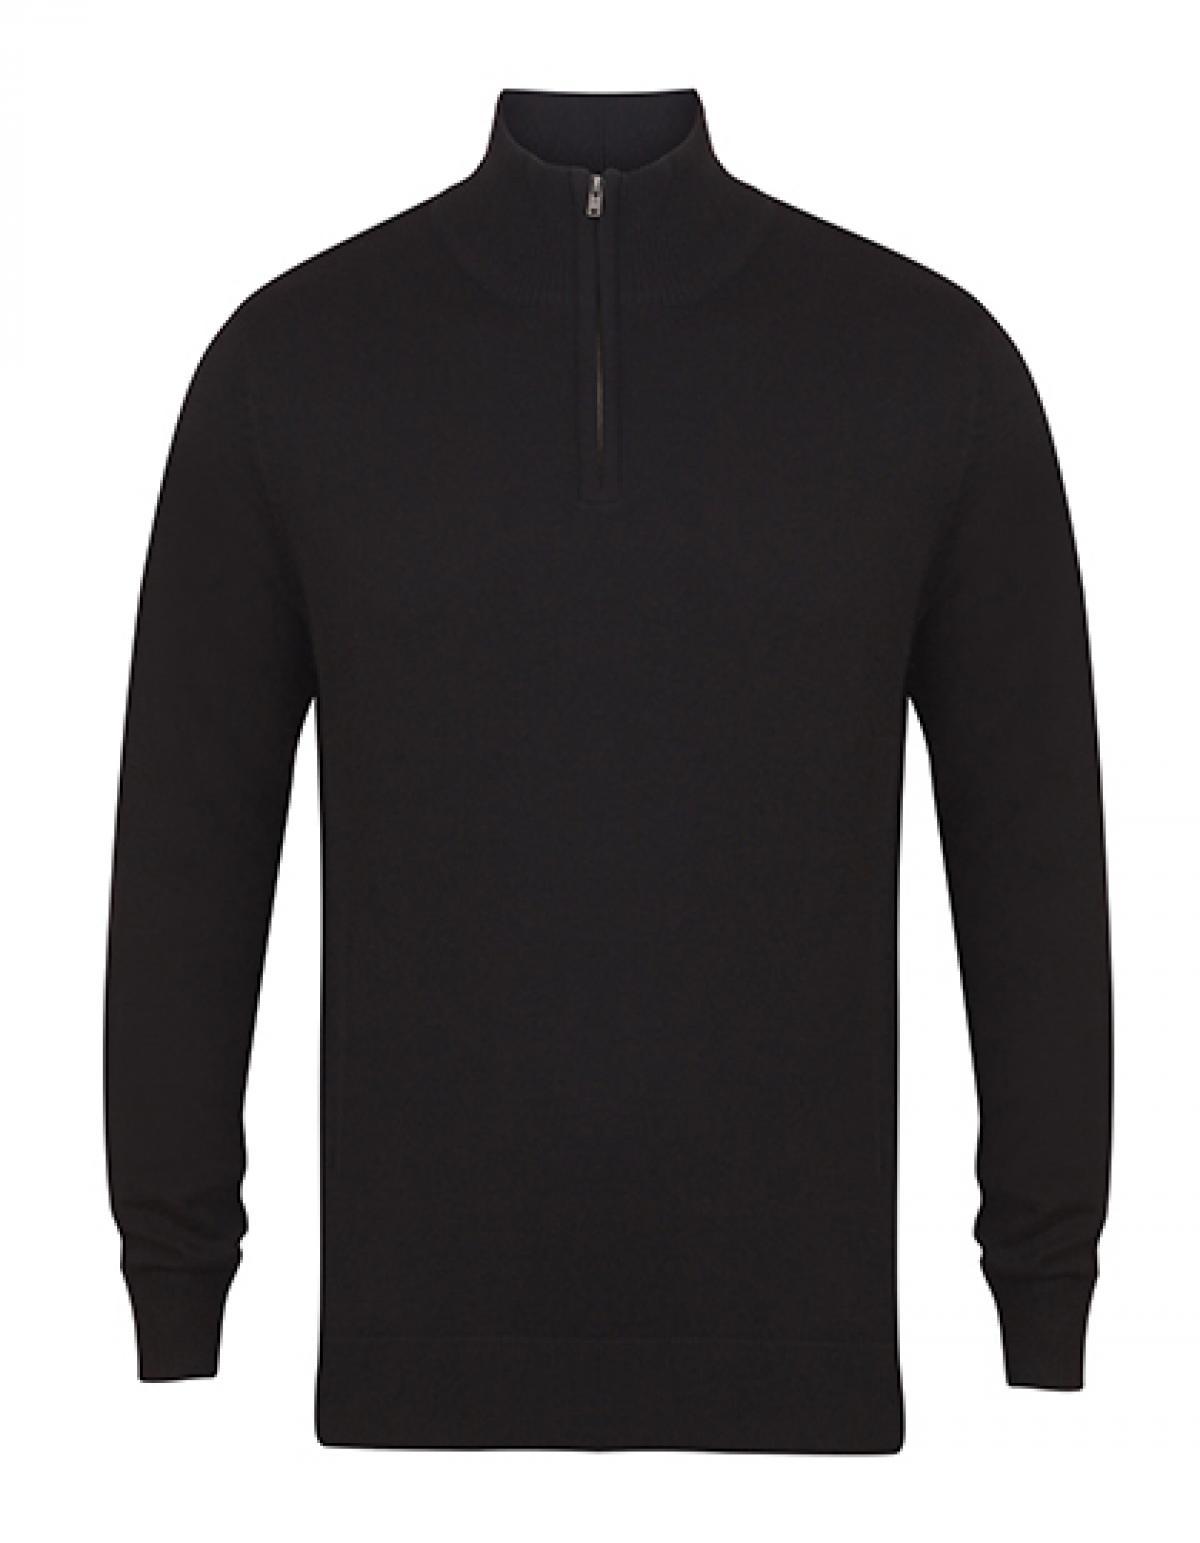 Messieurs Quarter Zip jumper/tricot fin, quart-rei quart-rei fin, verschlu 06f02d